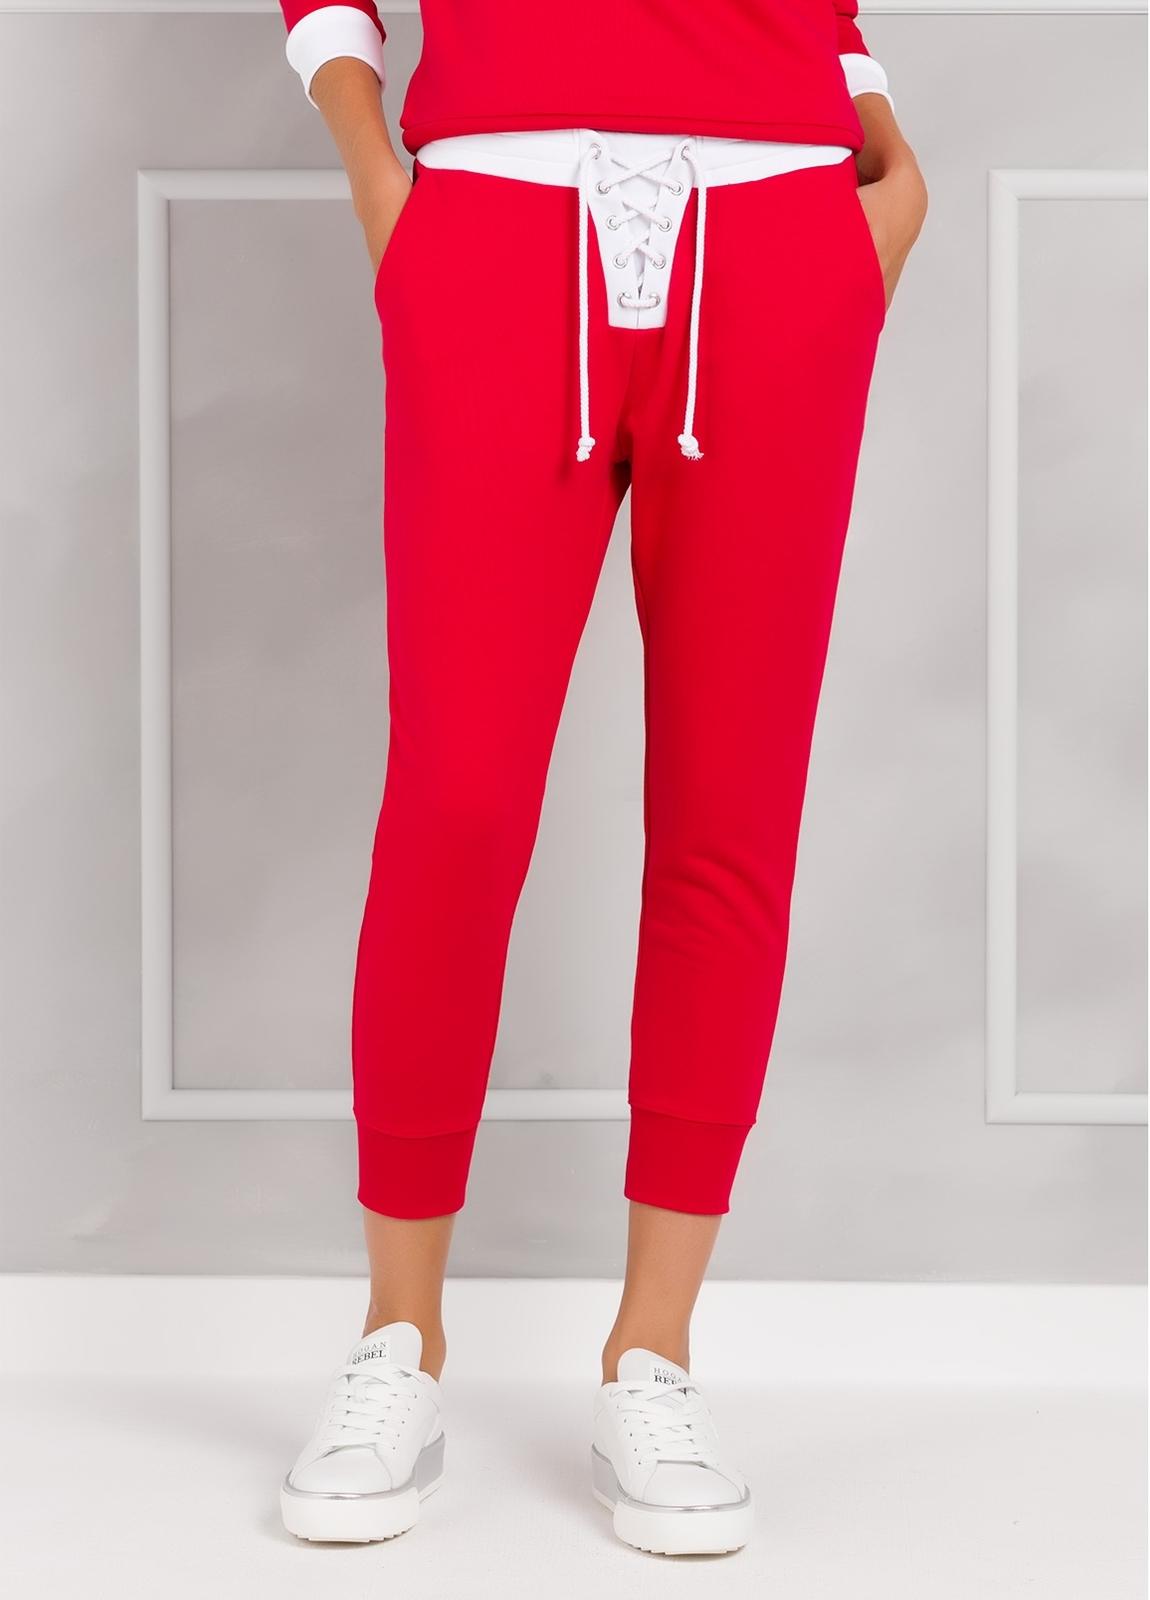 Pantalón jogging color rojo con cintura blanca con cordones, 100% Algodón. - Ítem2